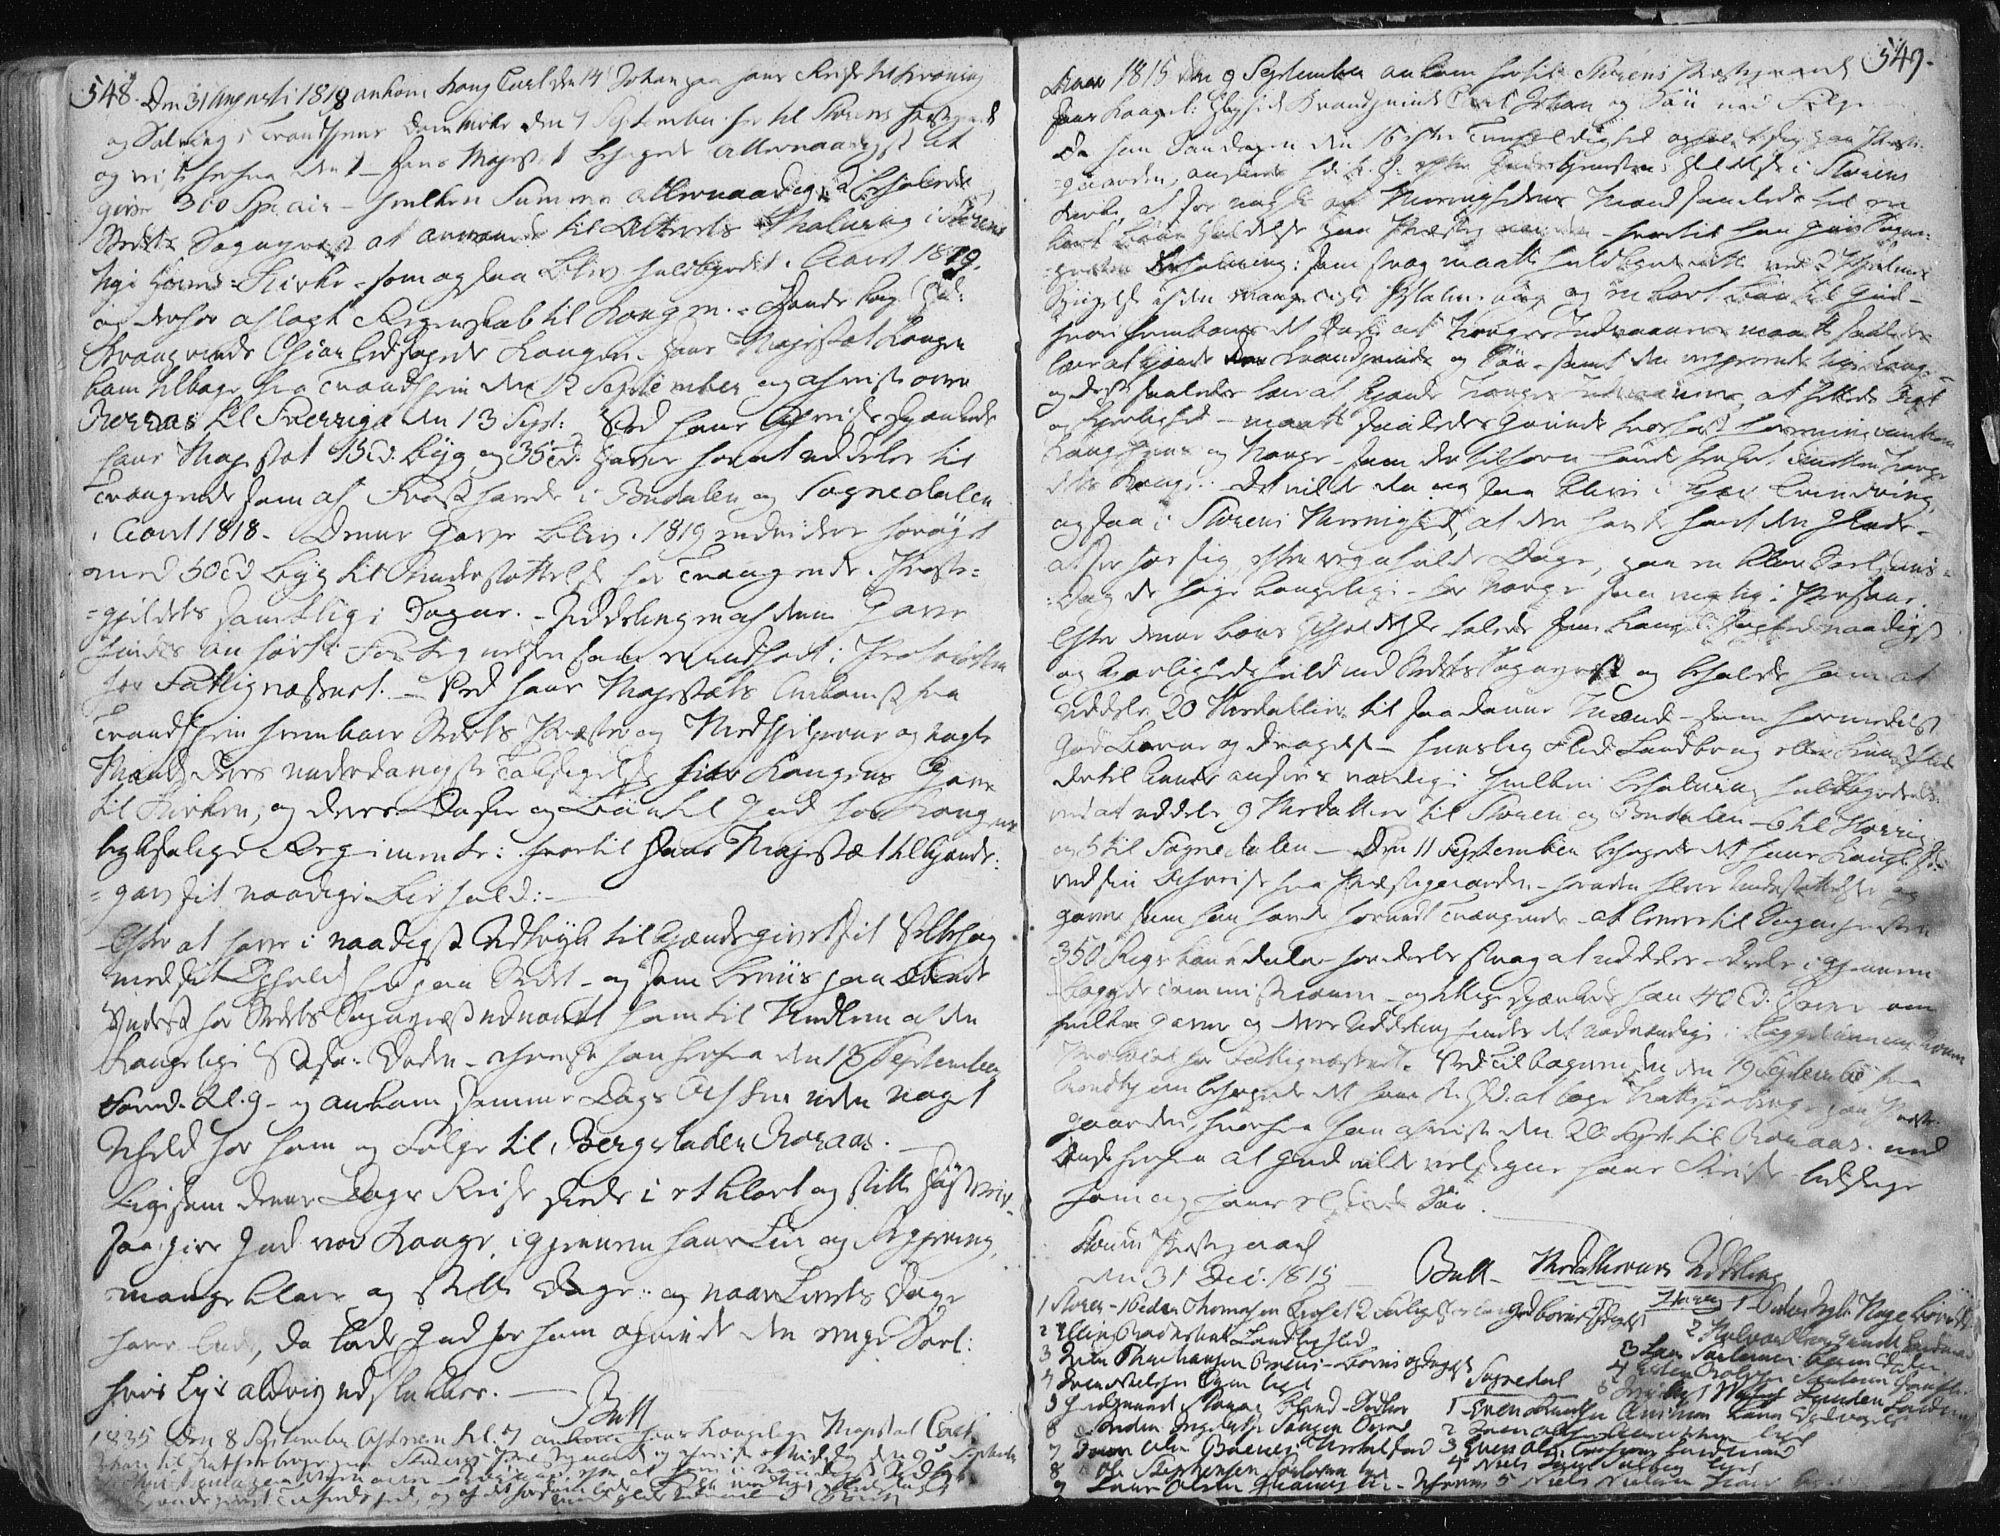 SAT, Ministerialprotokoller, klokkerbøker og fødselsregistre - Sør-Trøndelag, 687/L0992: Ministerialbok nr. 687A03 /1, 1788-1815, s. 548-549